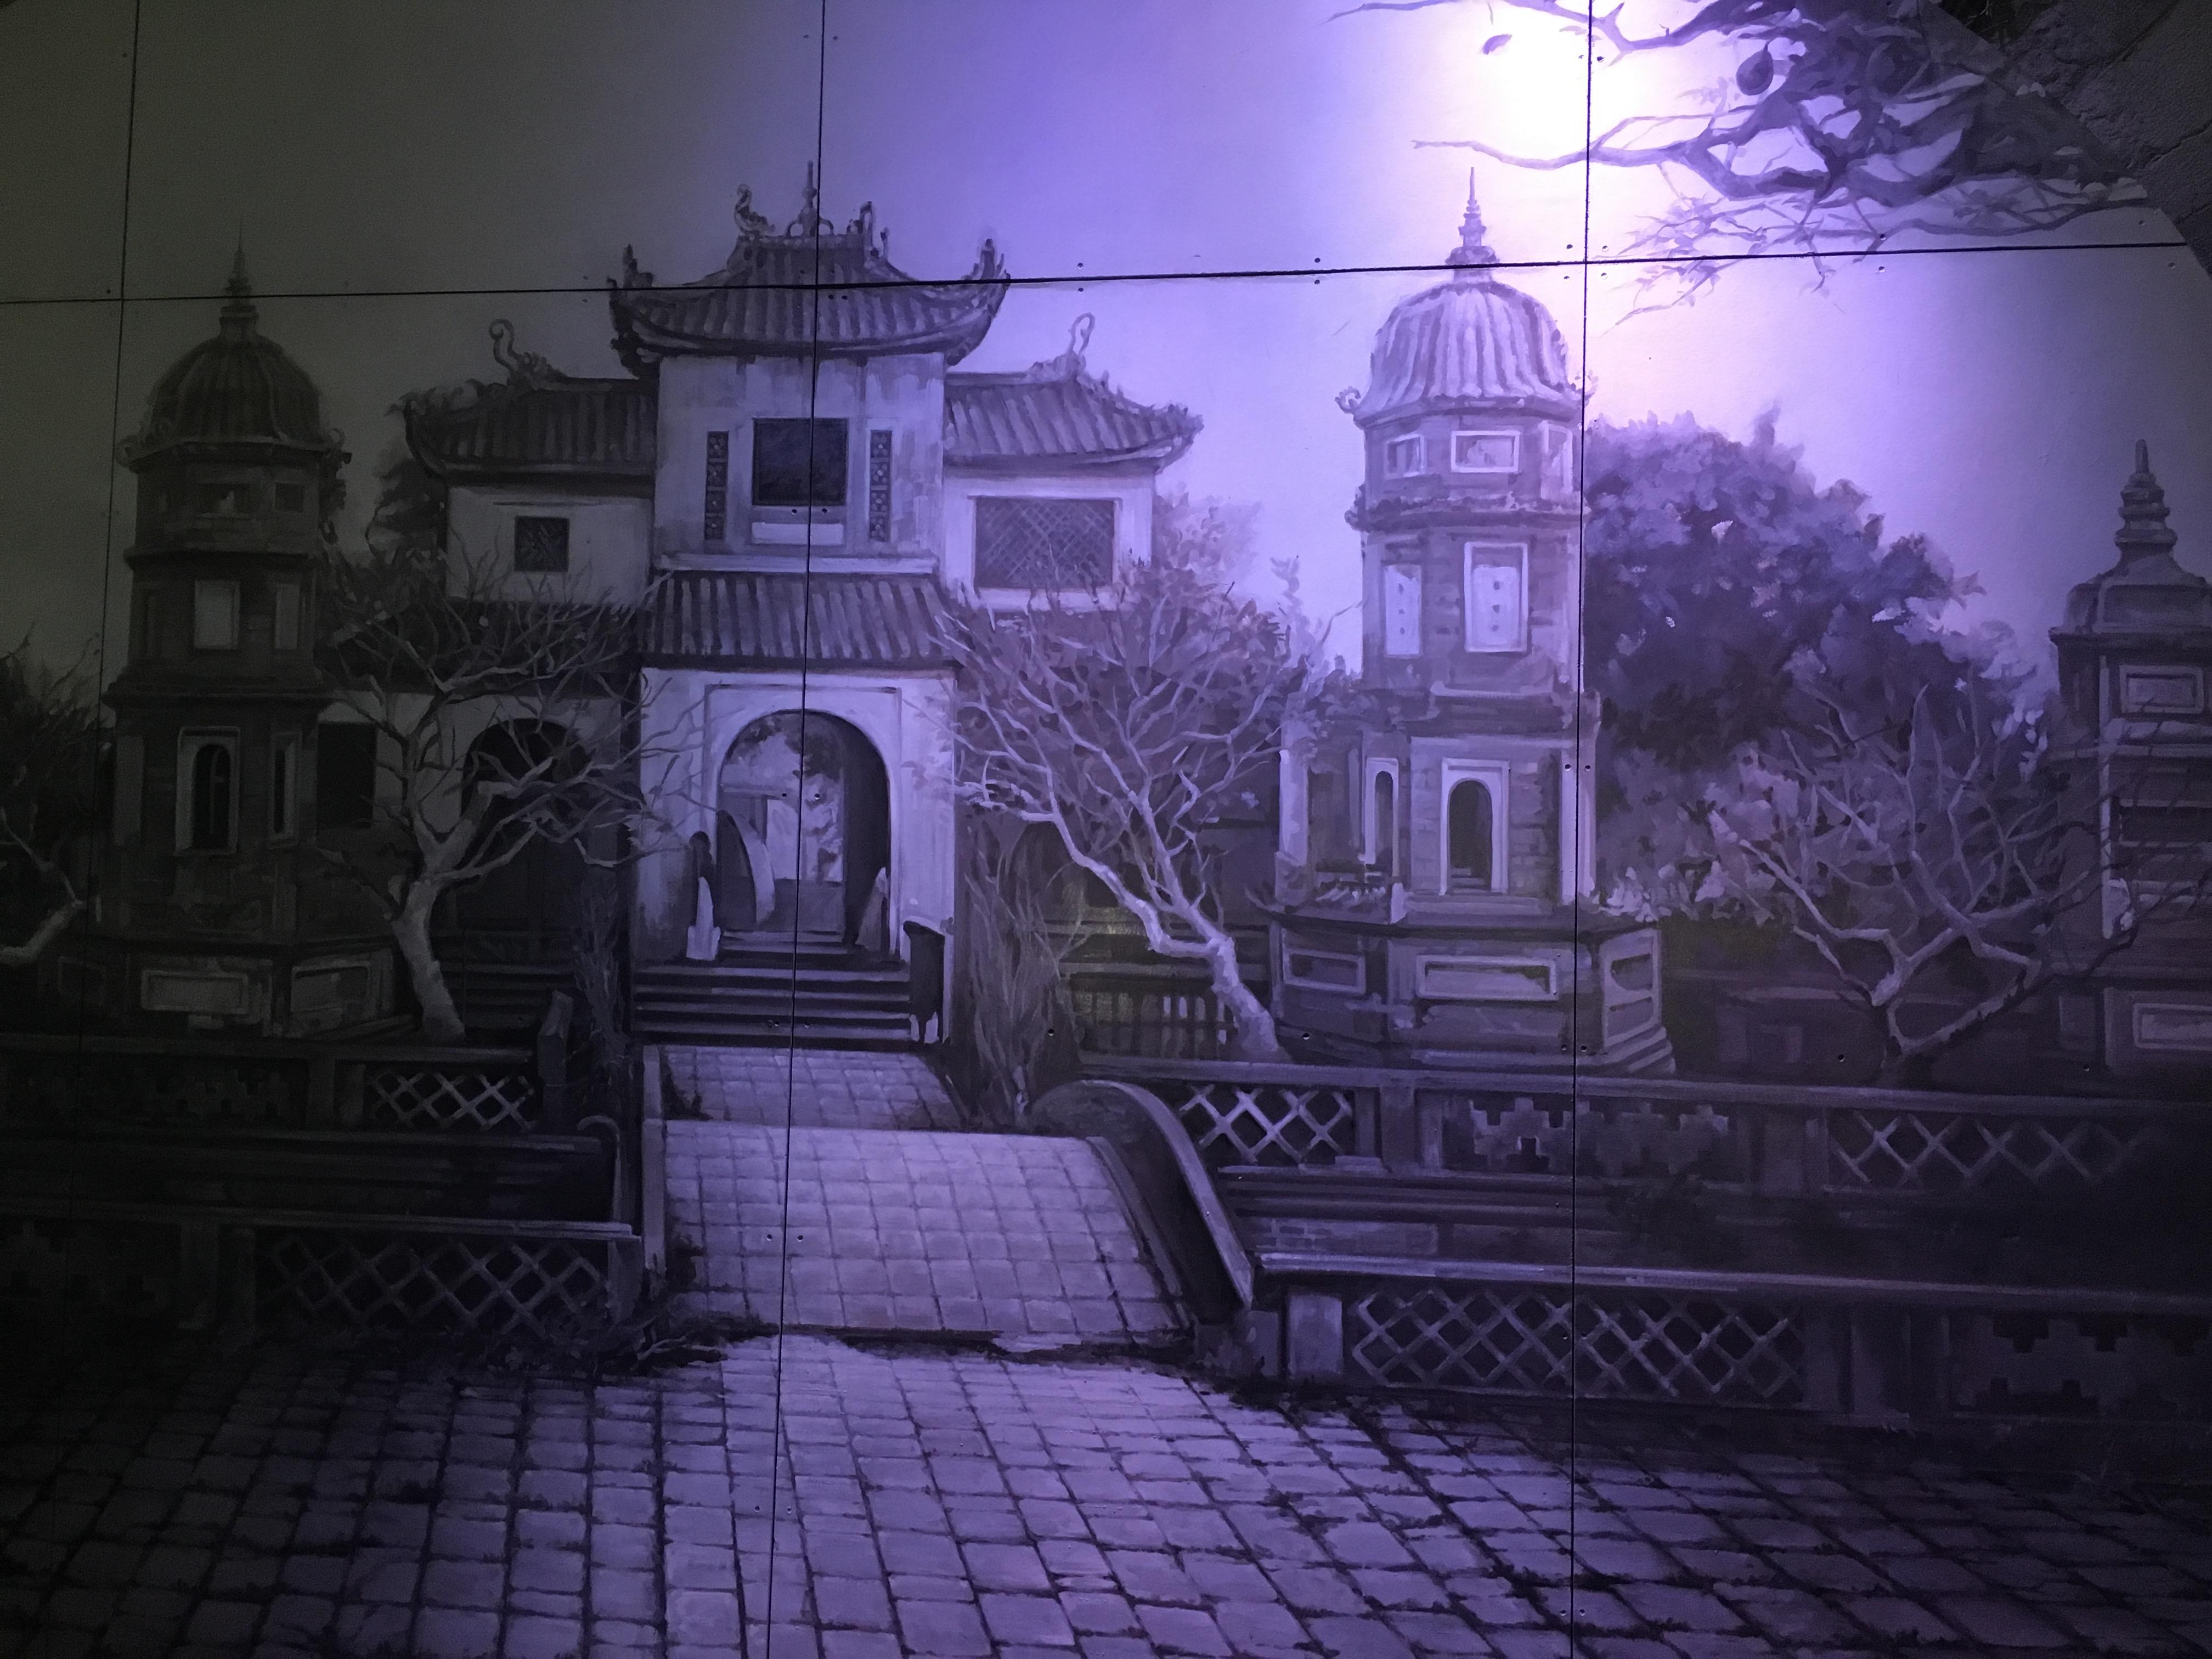 Hình ảnh vẽ lại chùa Báo Ân đã bị phá ở phố Phùng Hưng.